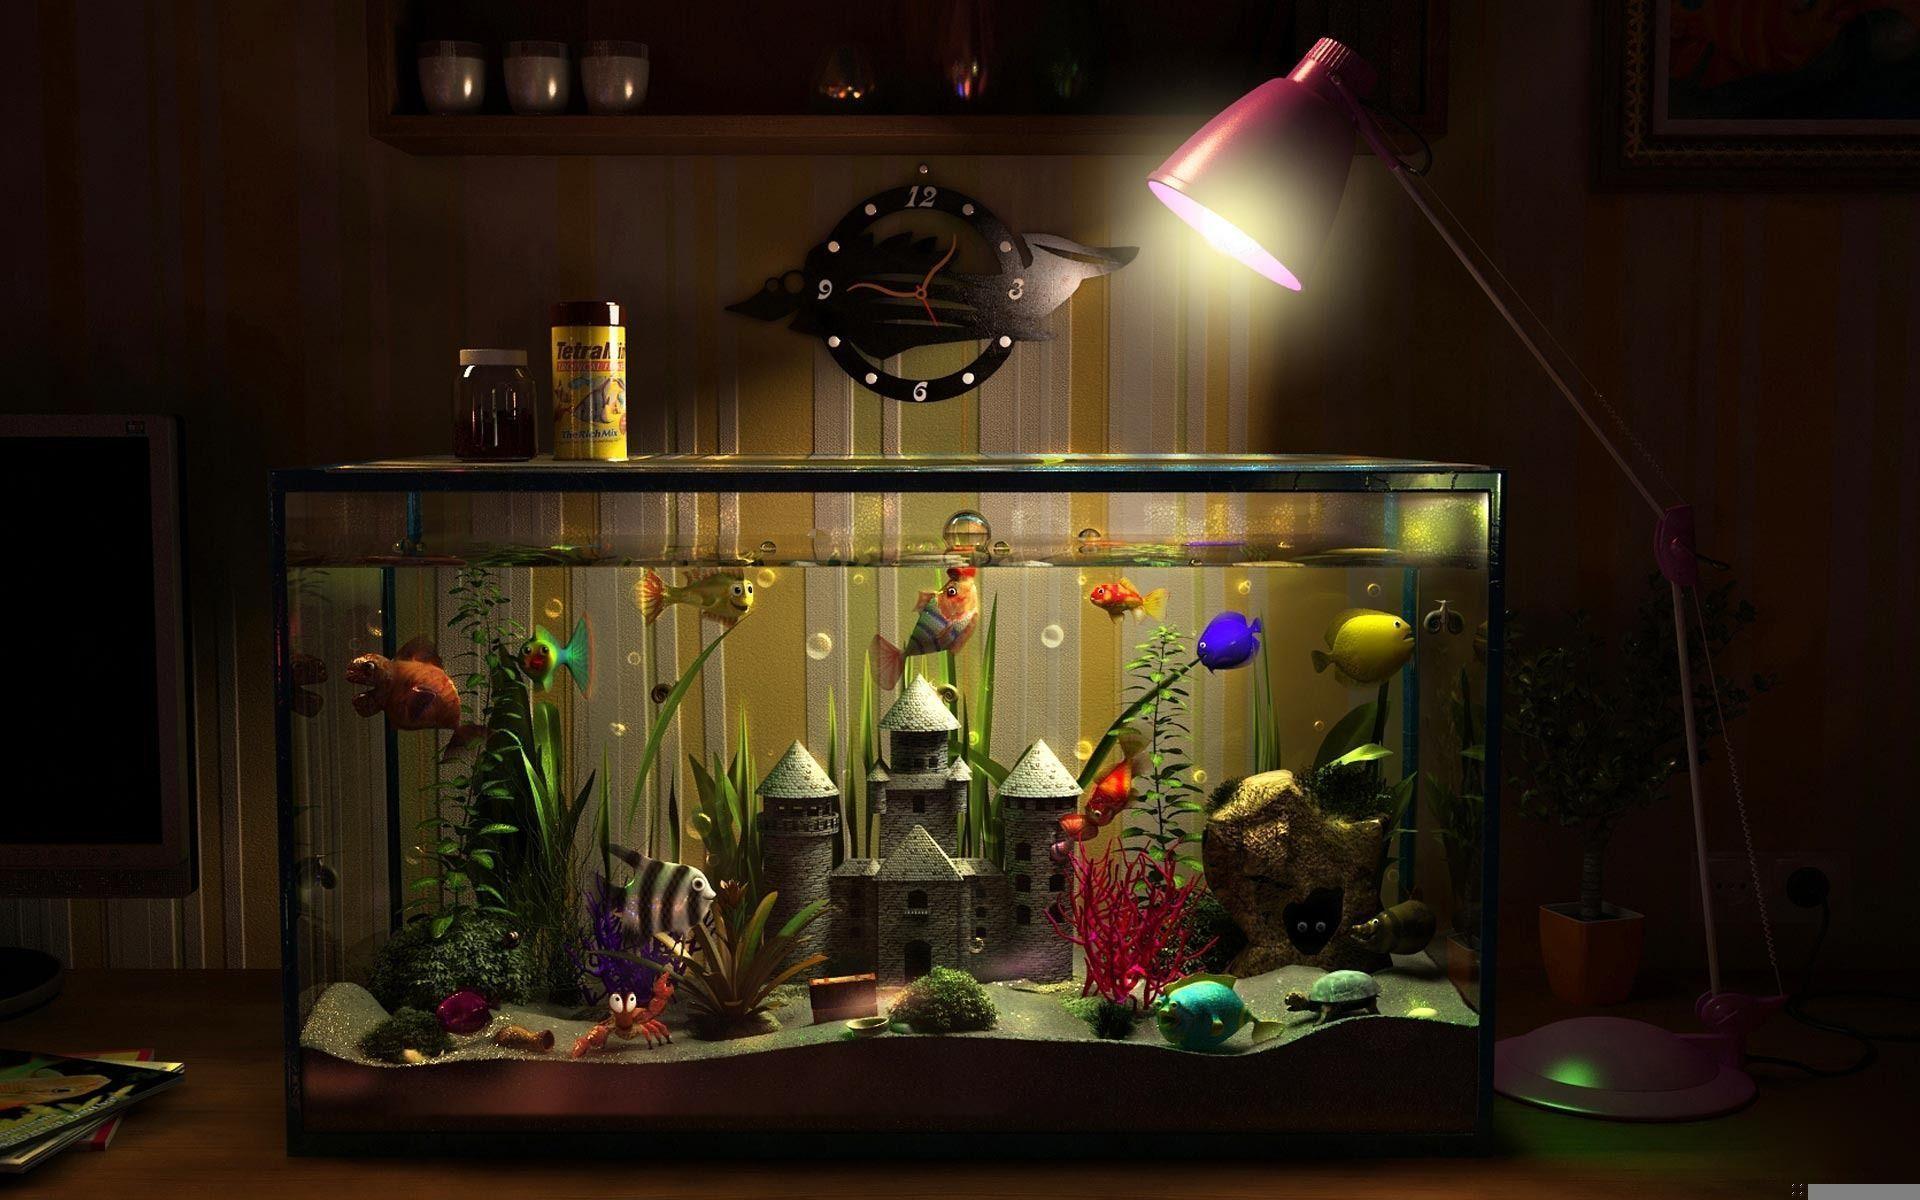 Лучшие аквариумные рыбки для новичка в 2020 году